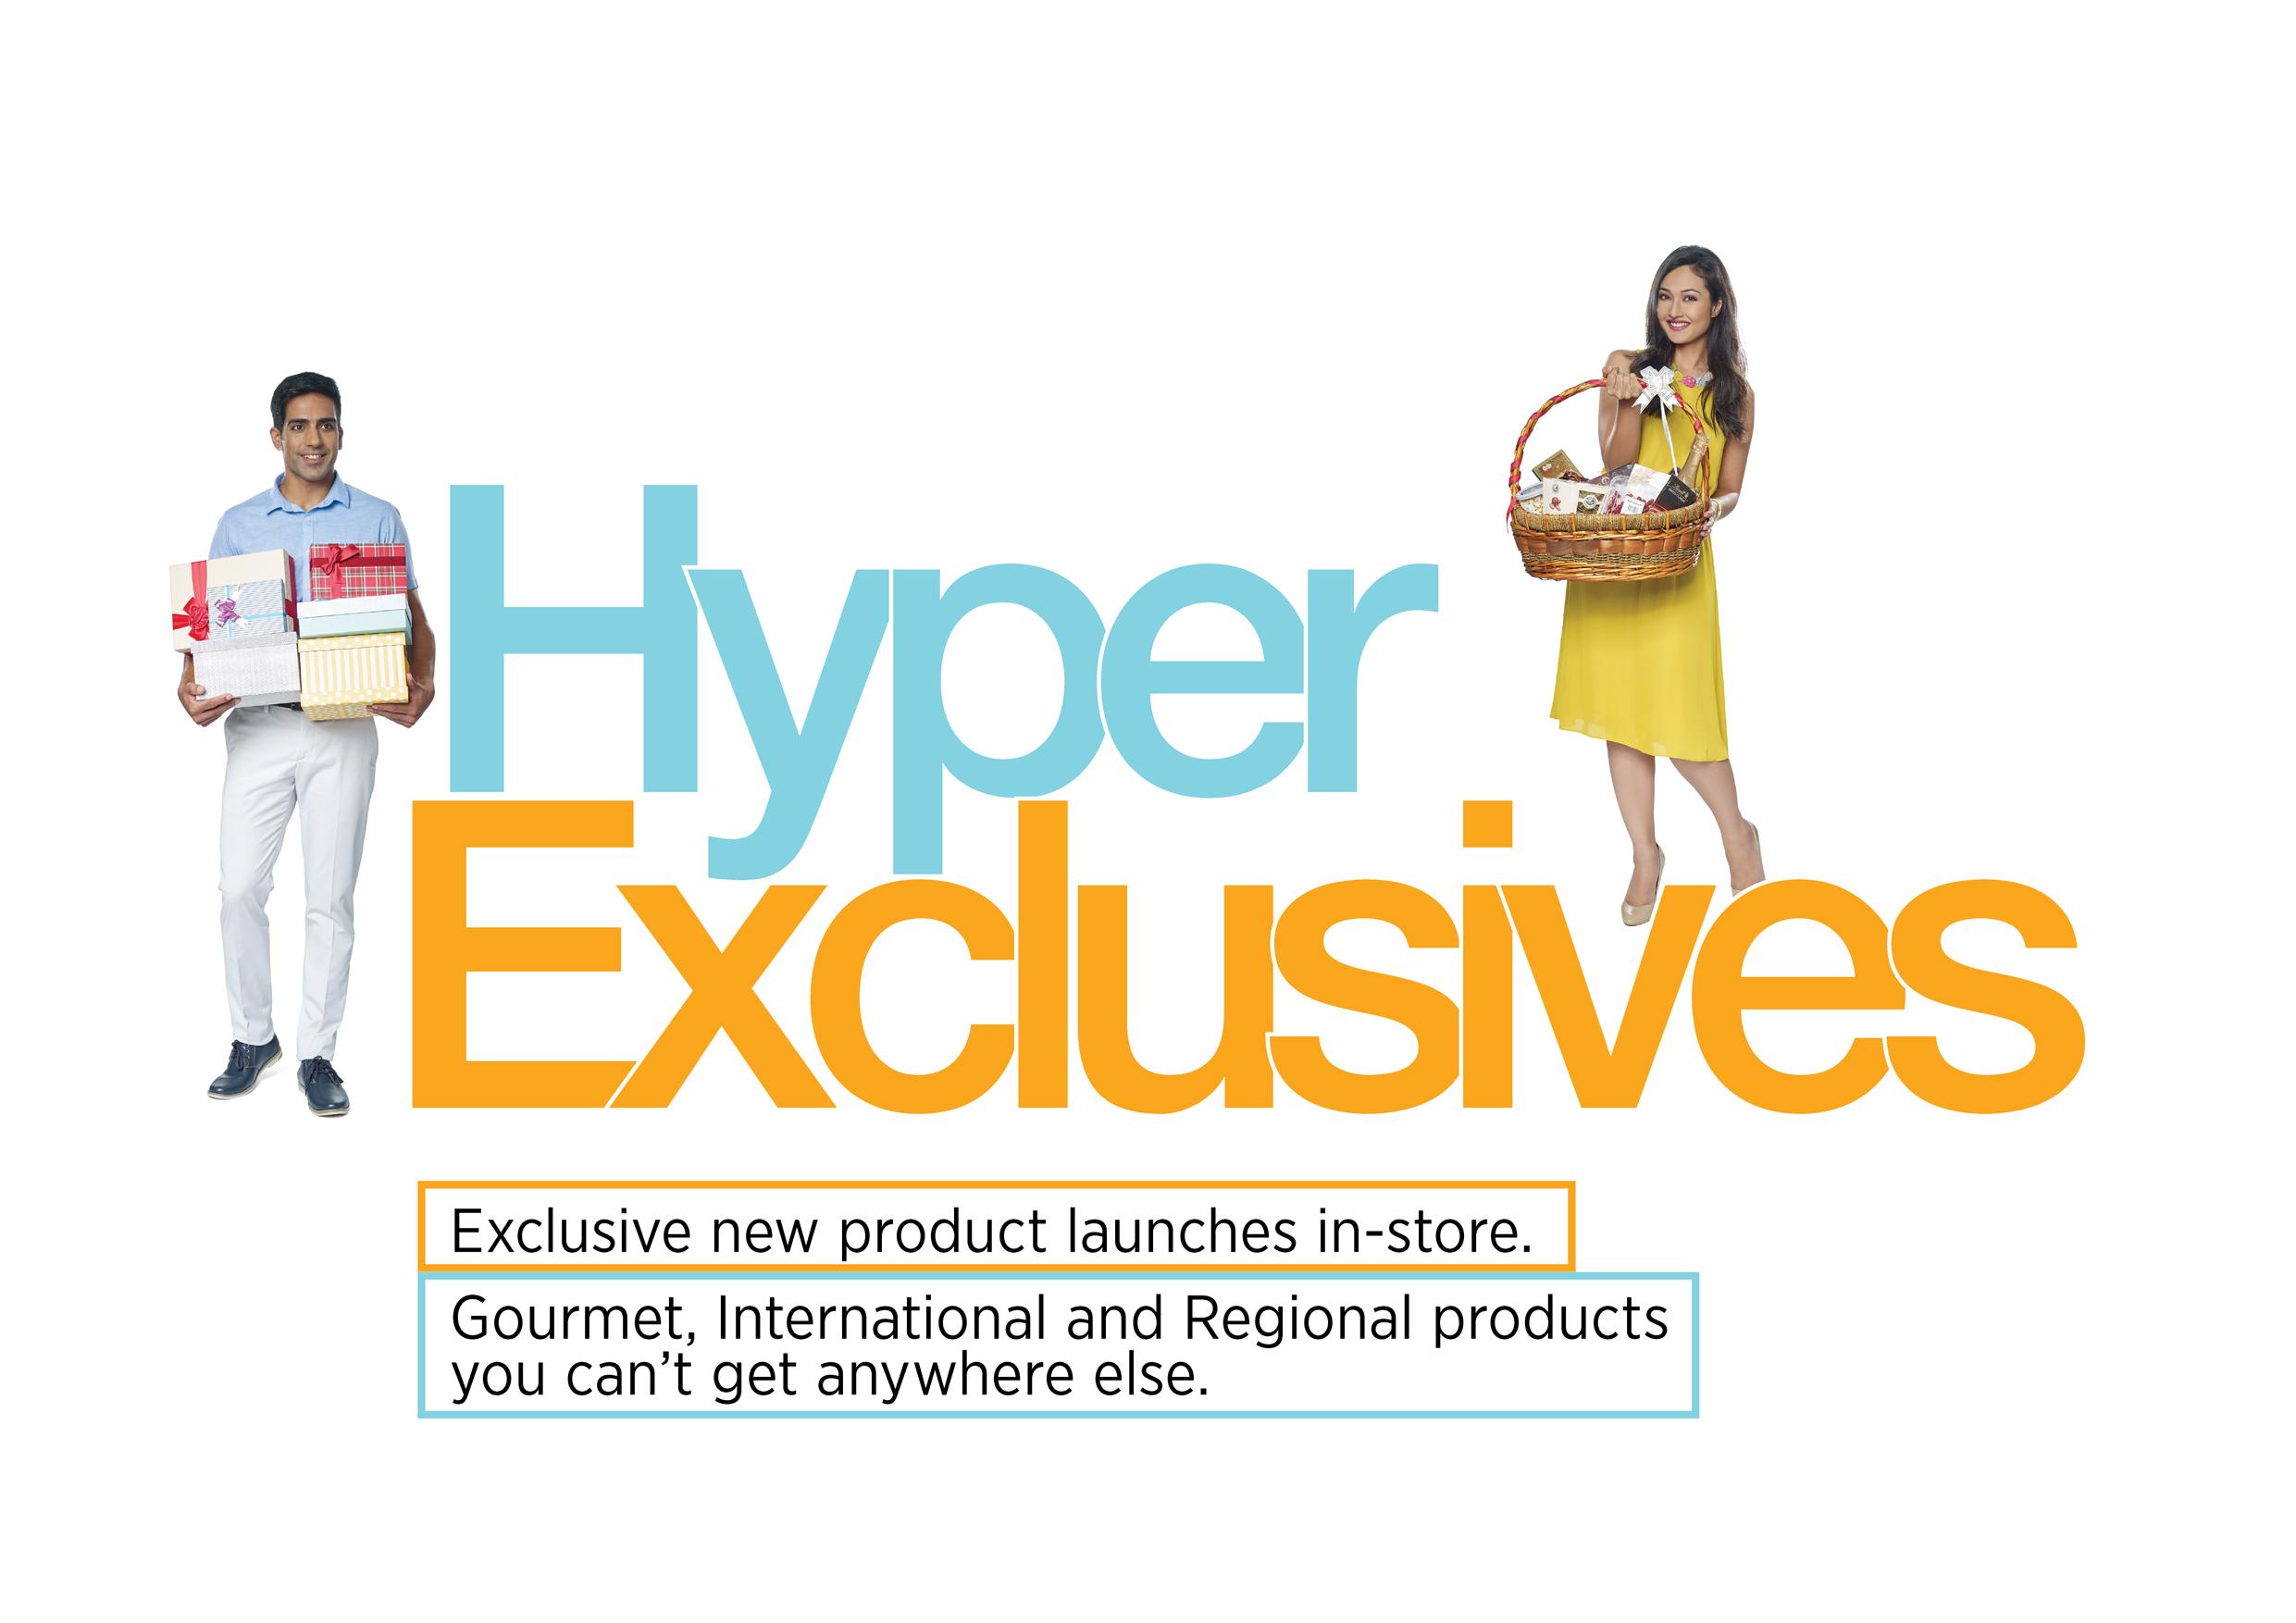 HyperCITY_Brand_Promise